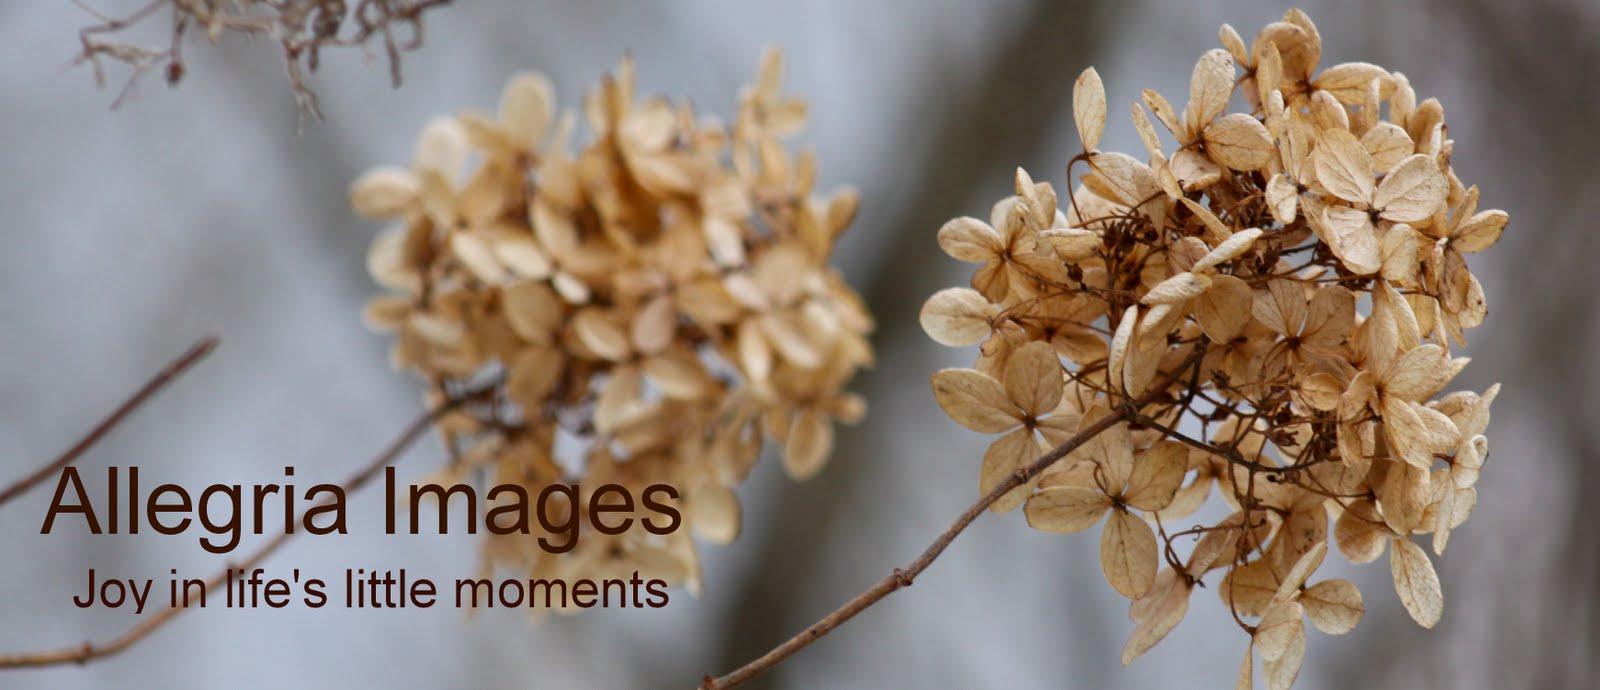 Allegria Images